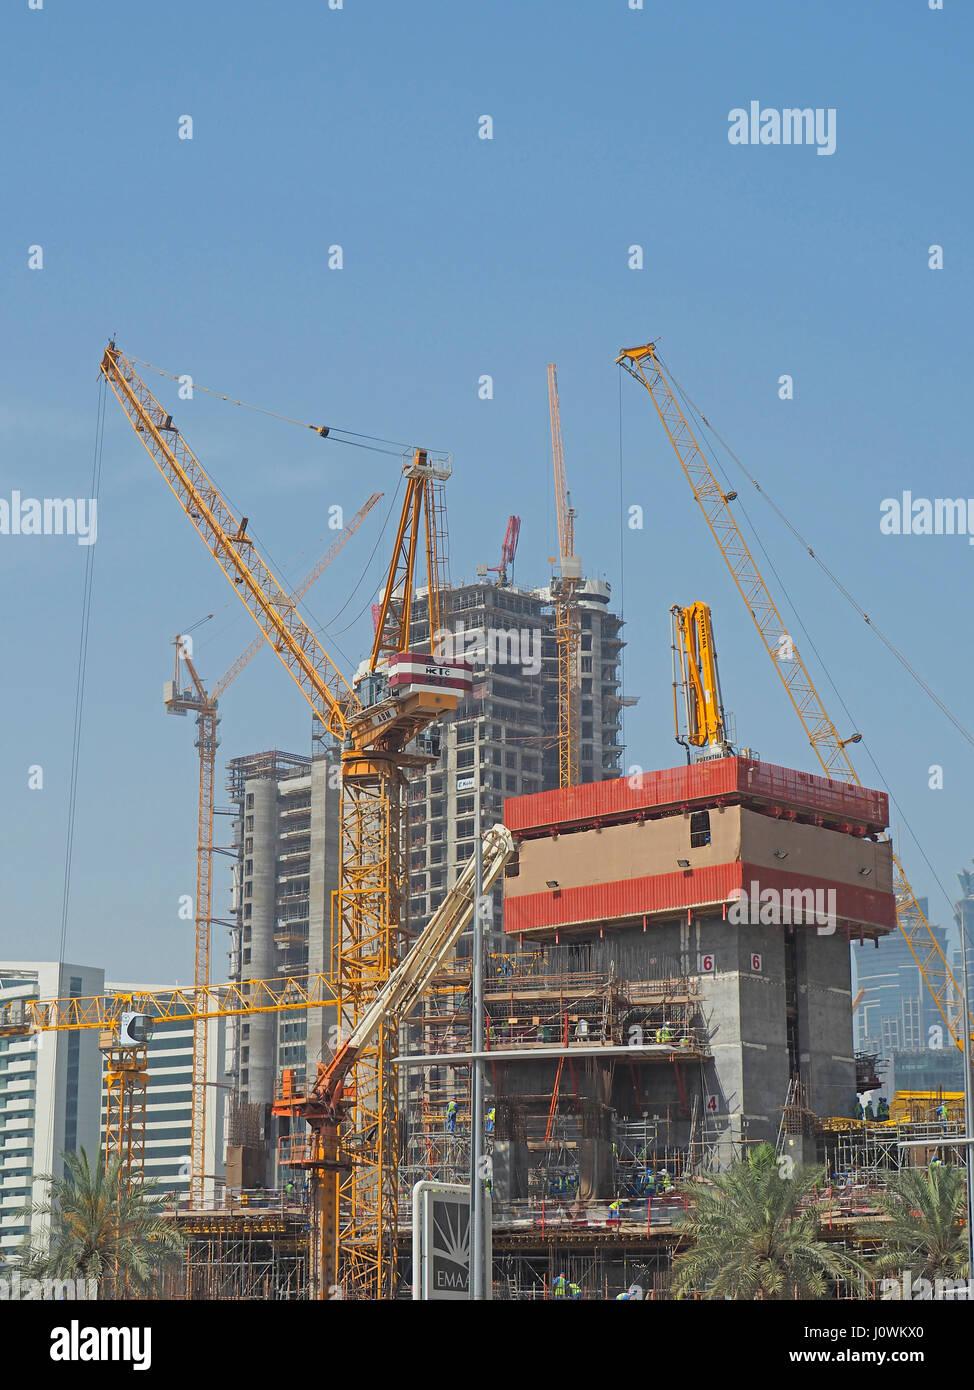 Por doquier en curso de construcción en Dubai, Emiratos Árabes Unidos. Imagen De Stock